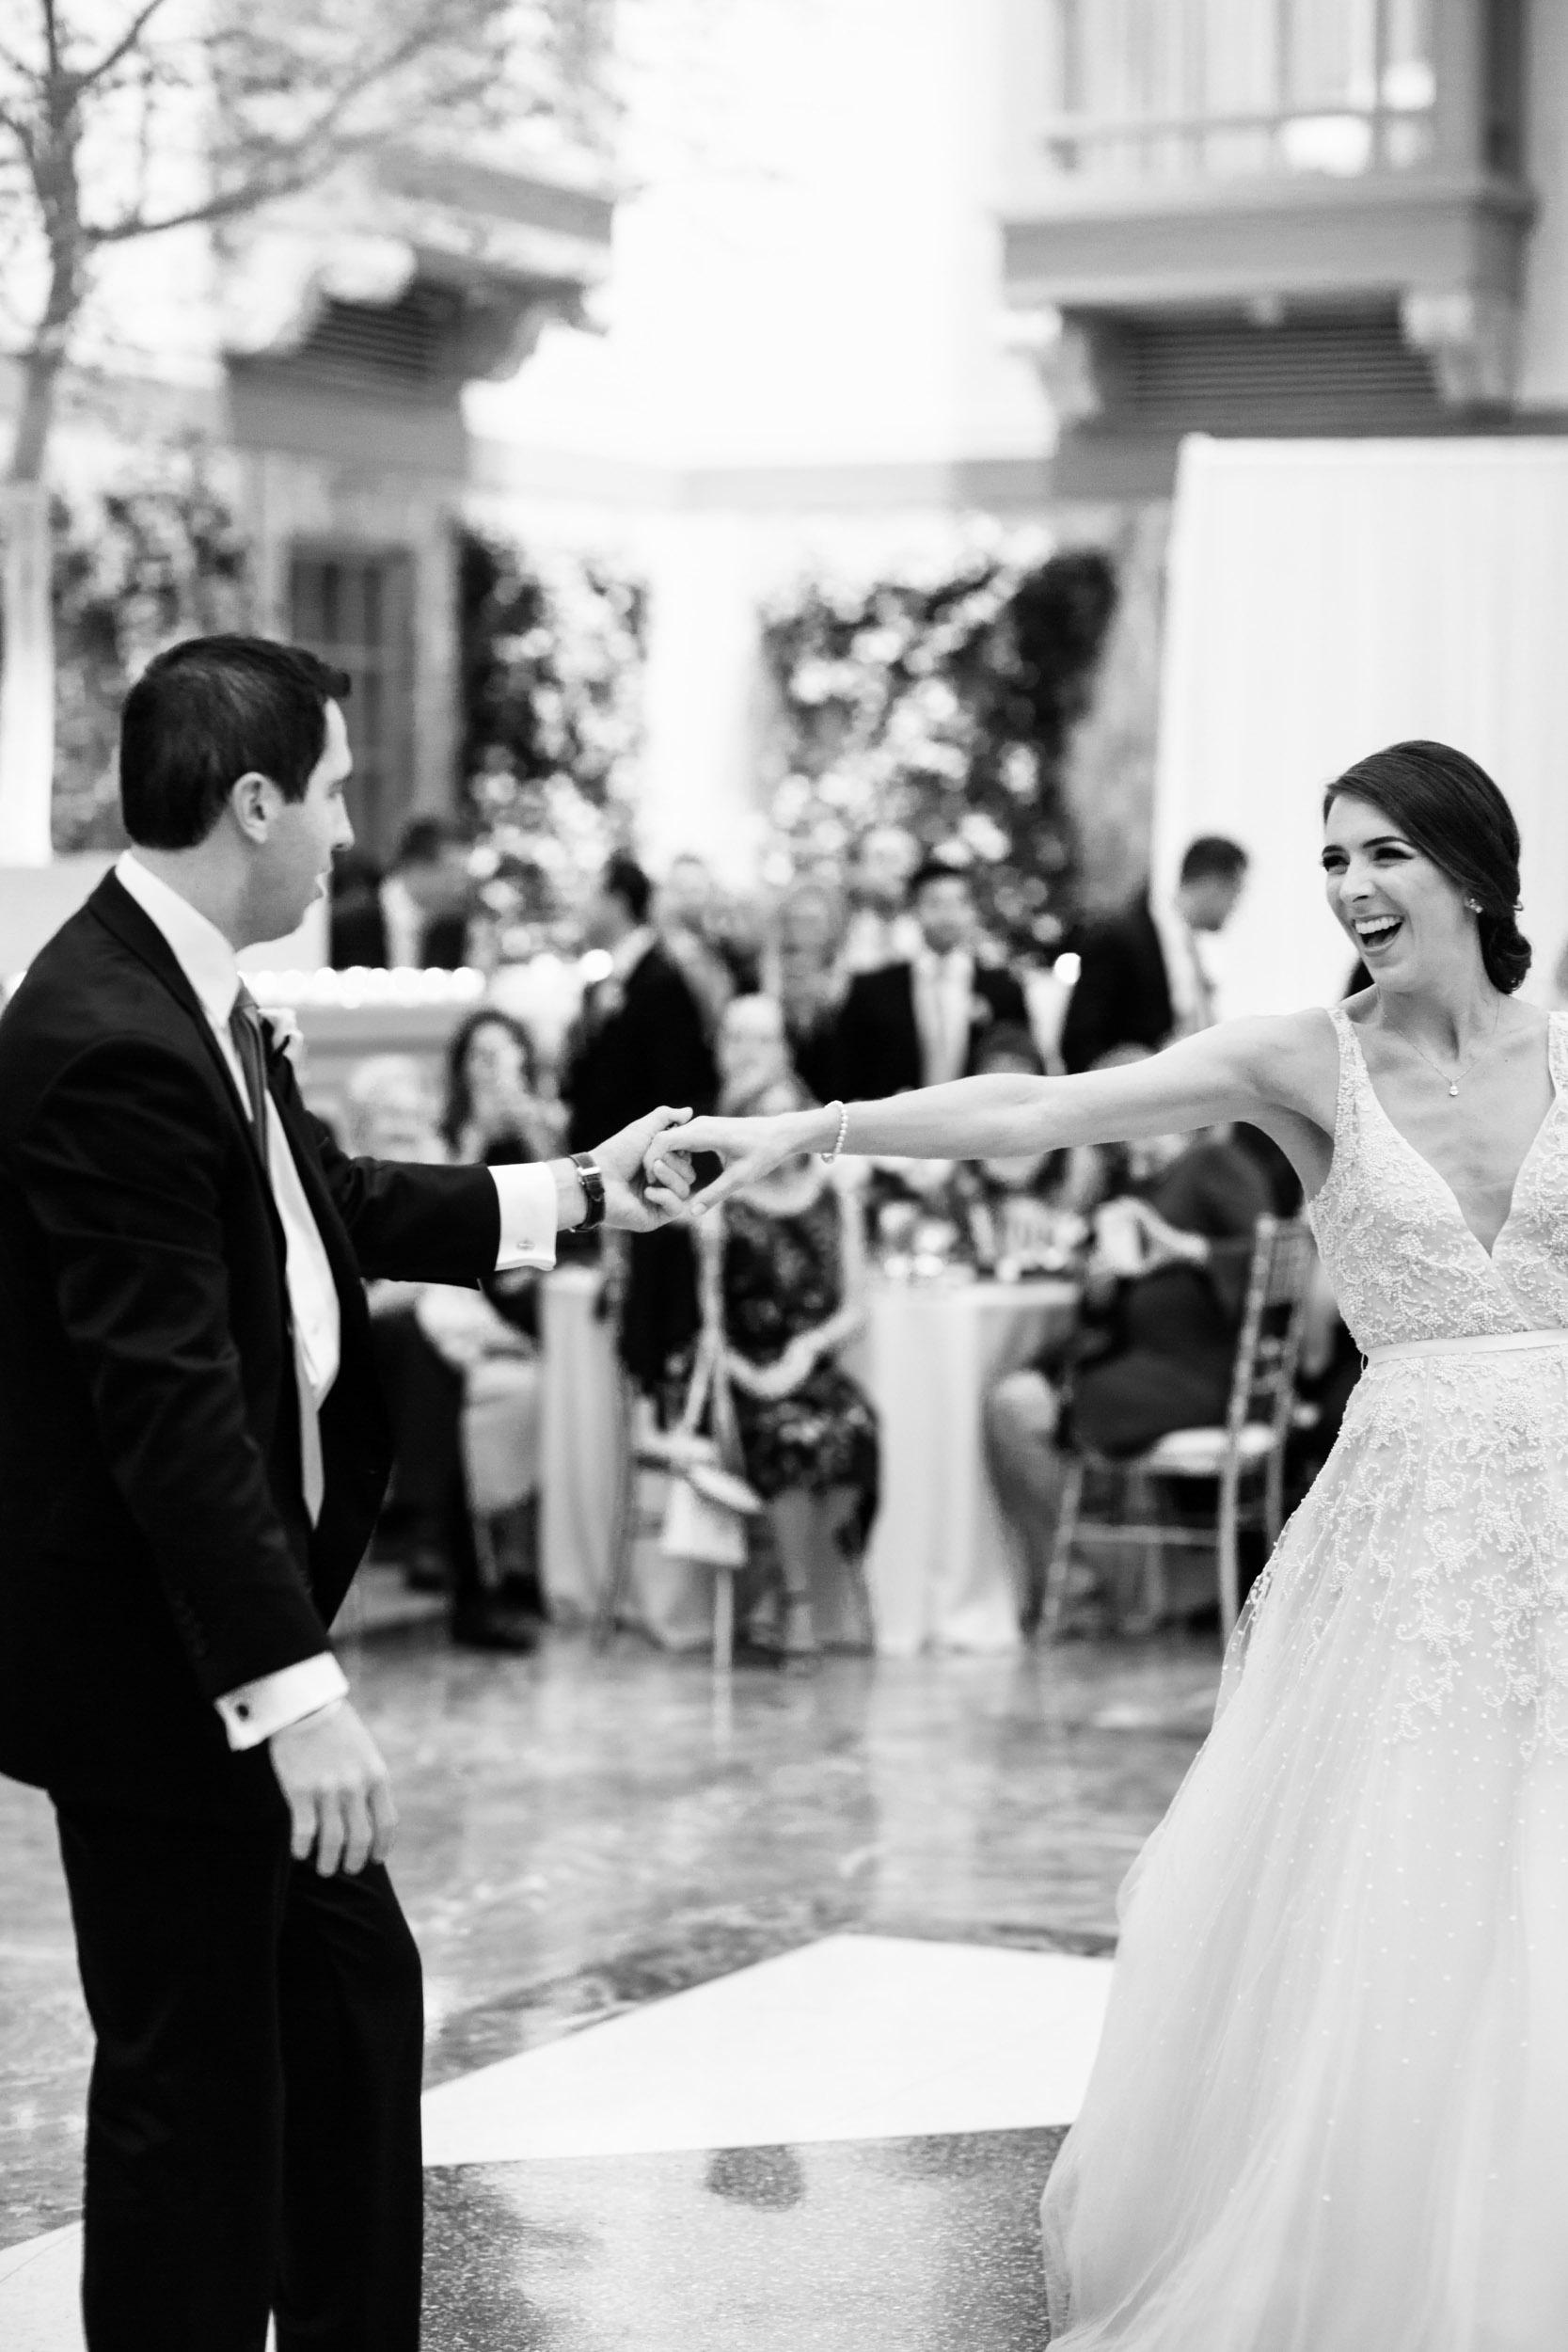 chicago-wedding-photos-studio-this-is-jack-schroeder-51.jpg